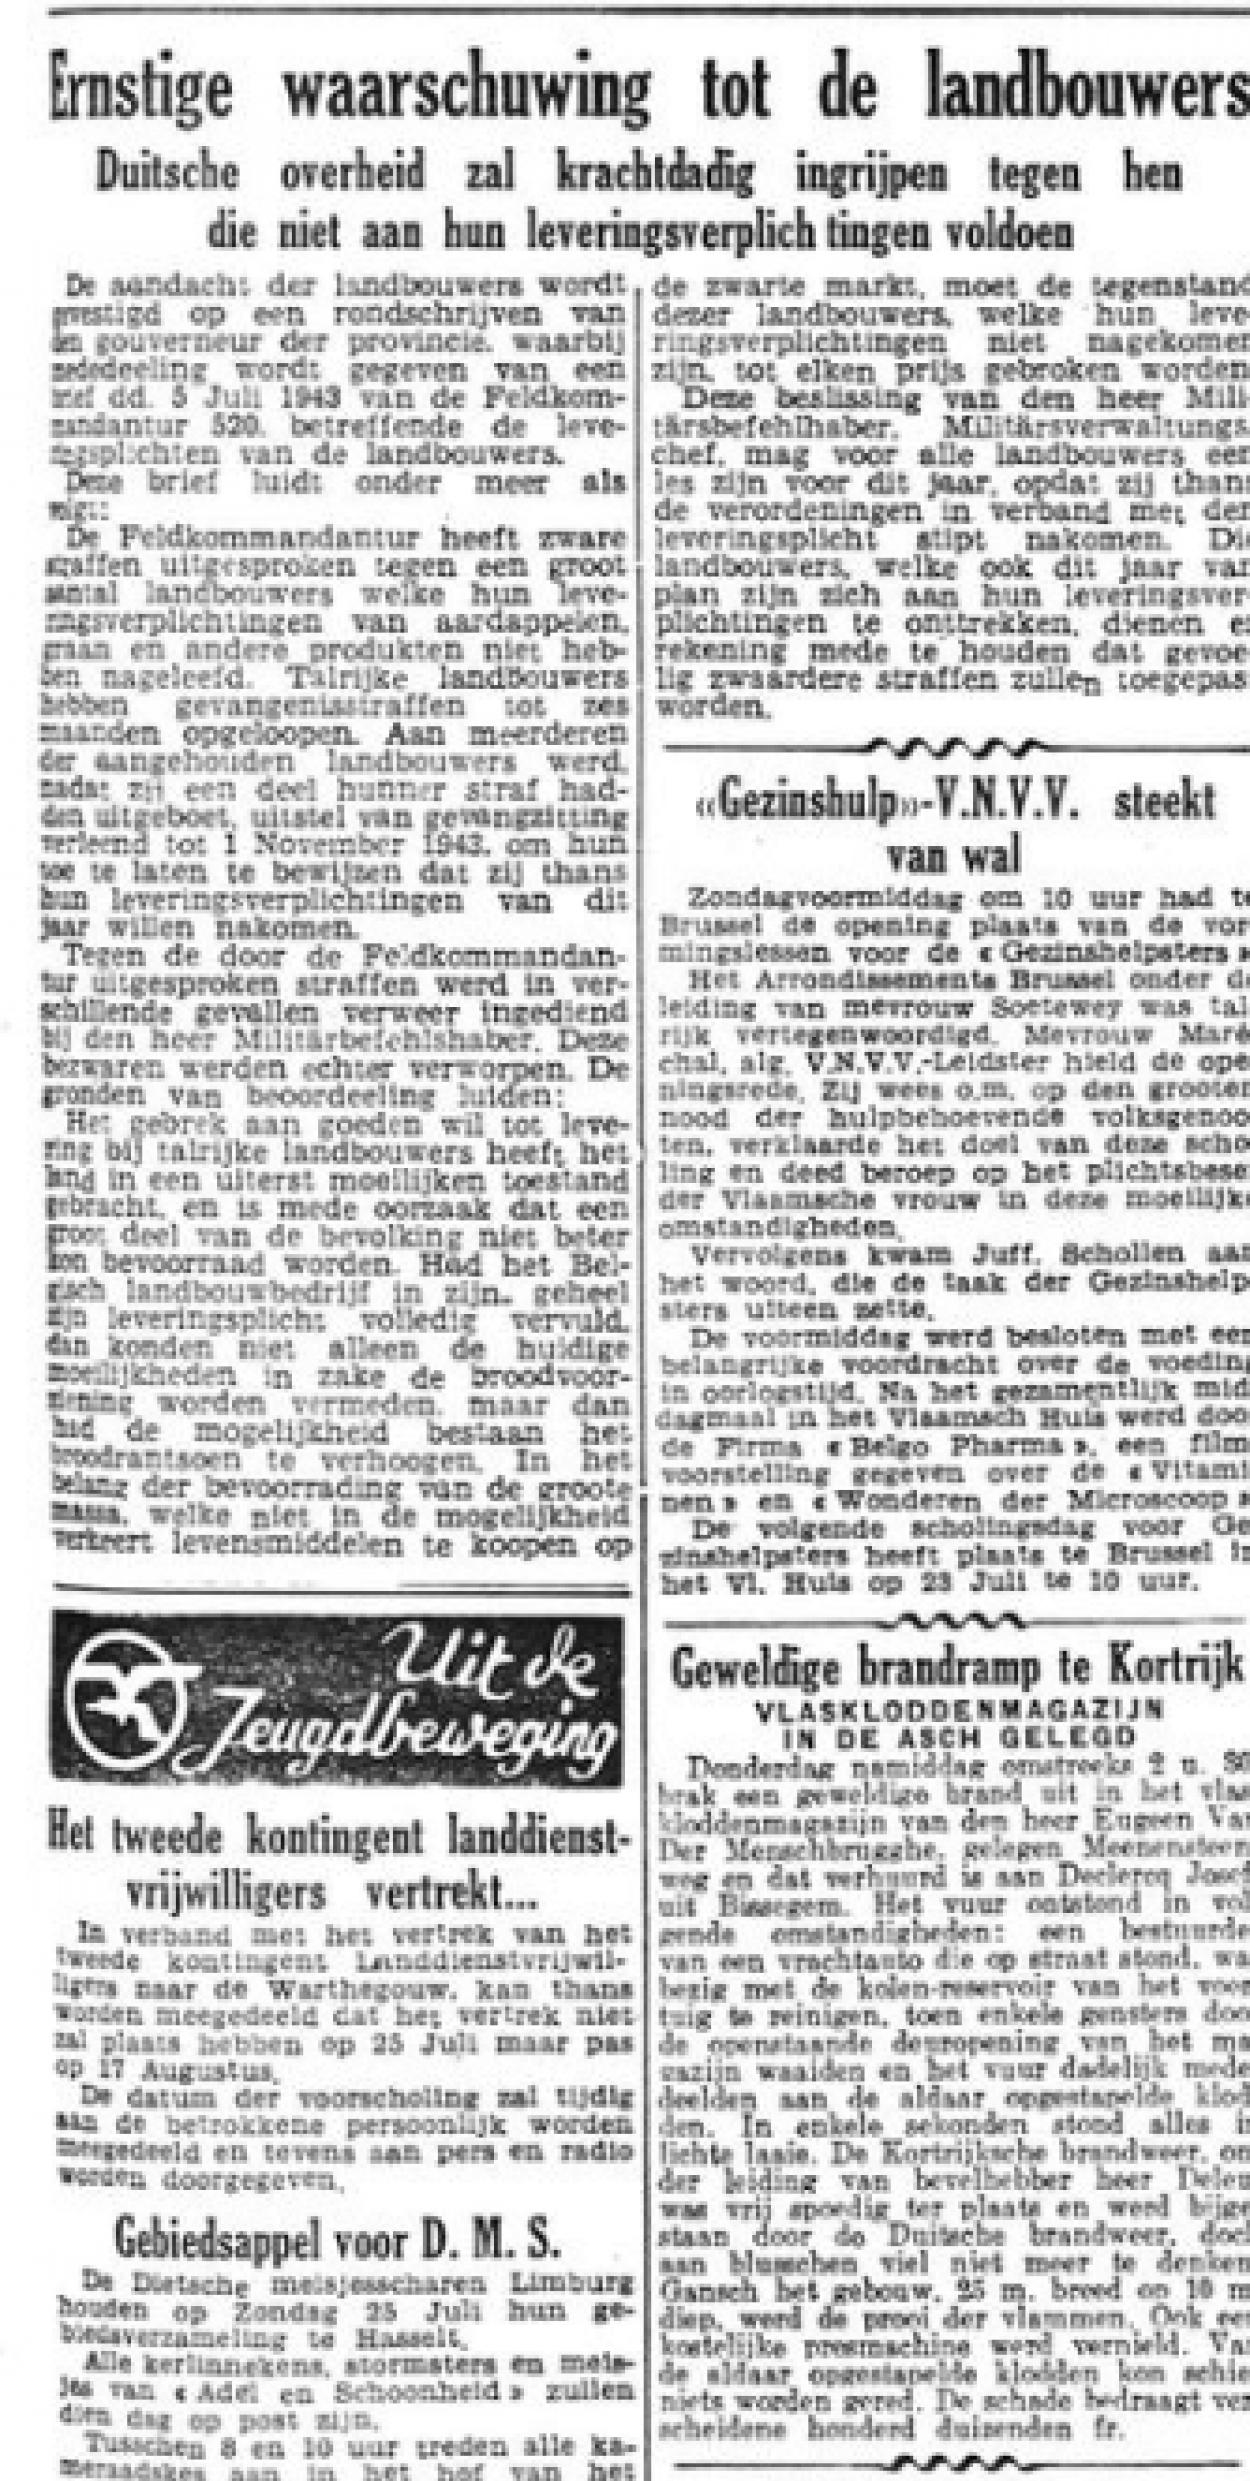 volk-en-staat-20-7-1943-p-3.png